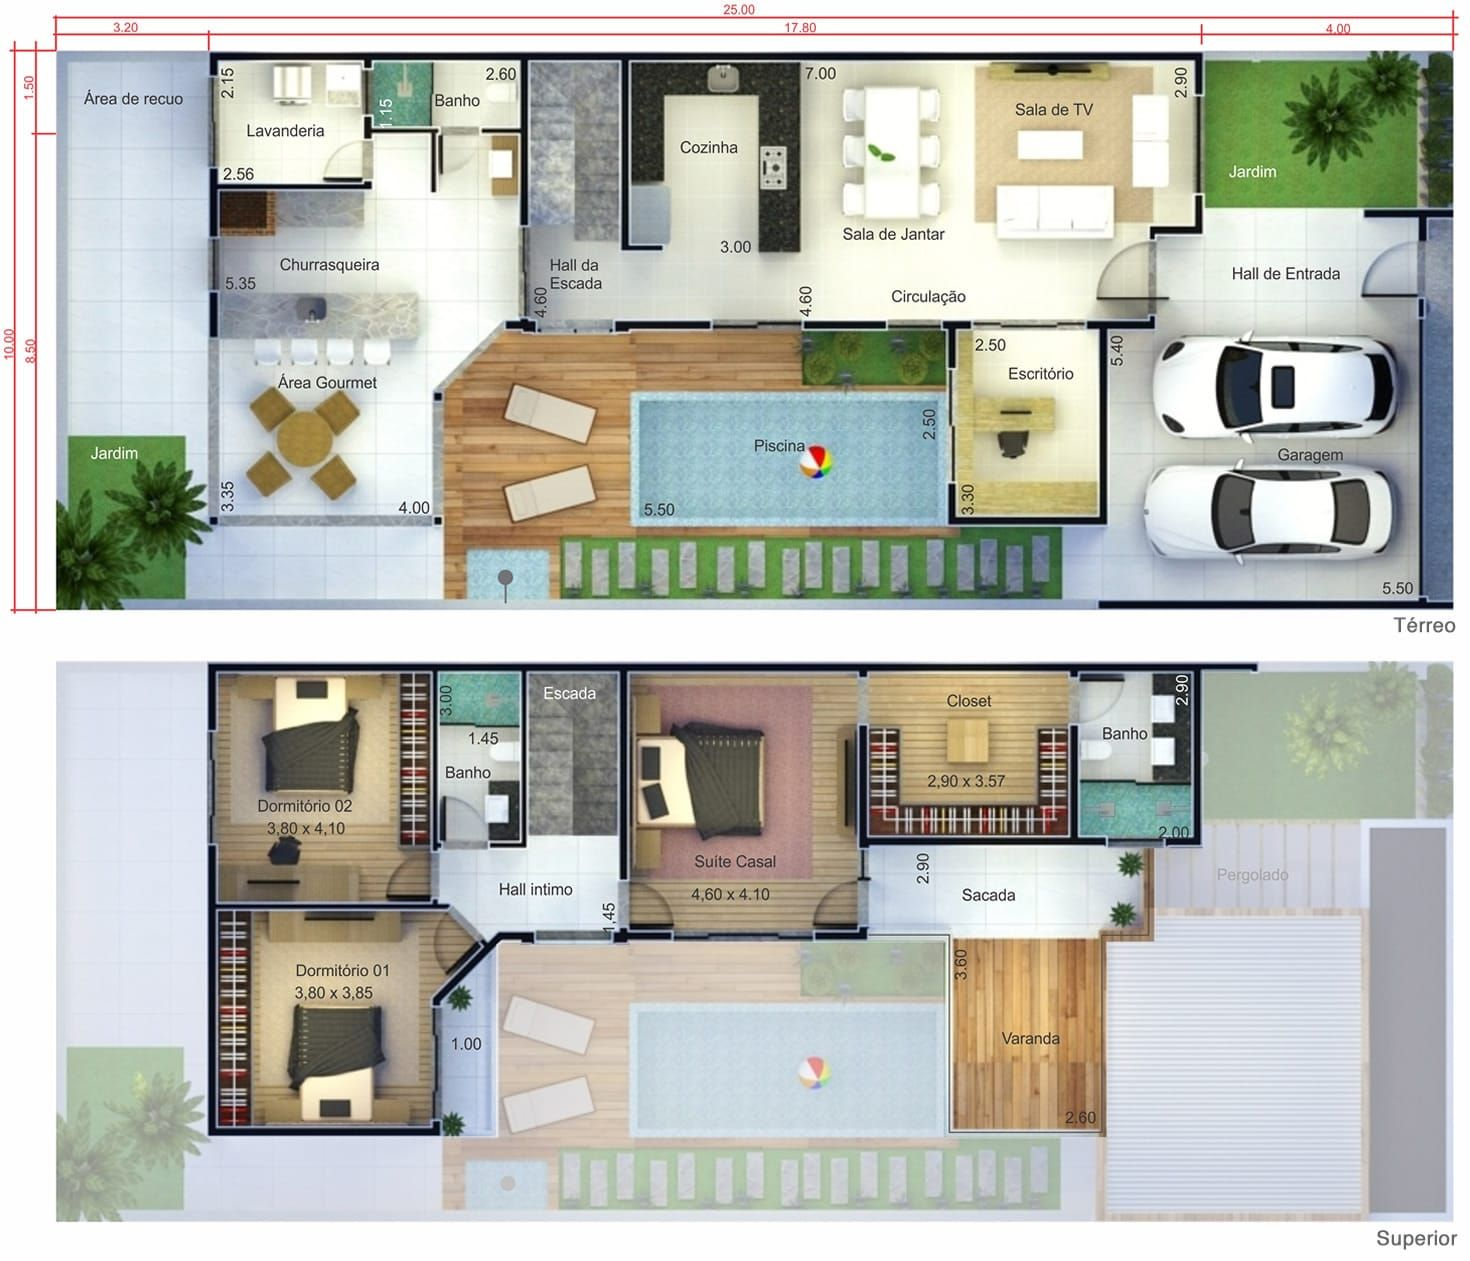 Proyecto De Casa Con Terraza Planos De Casas Modelos De